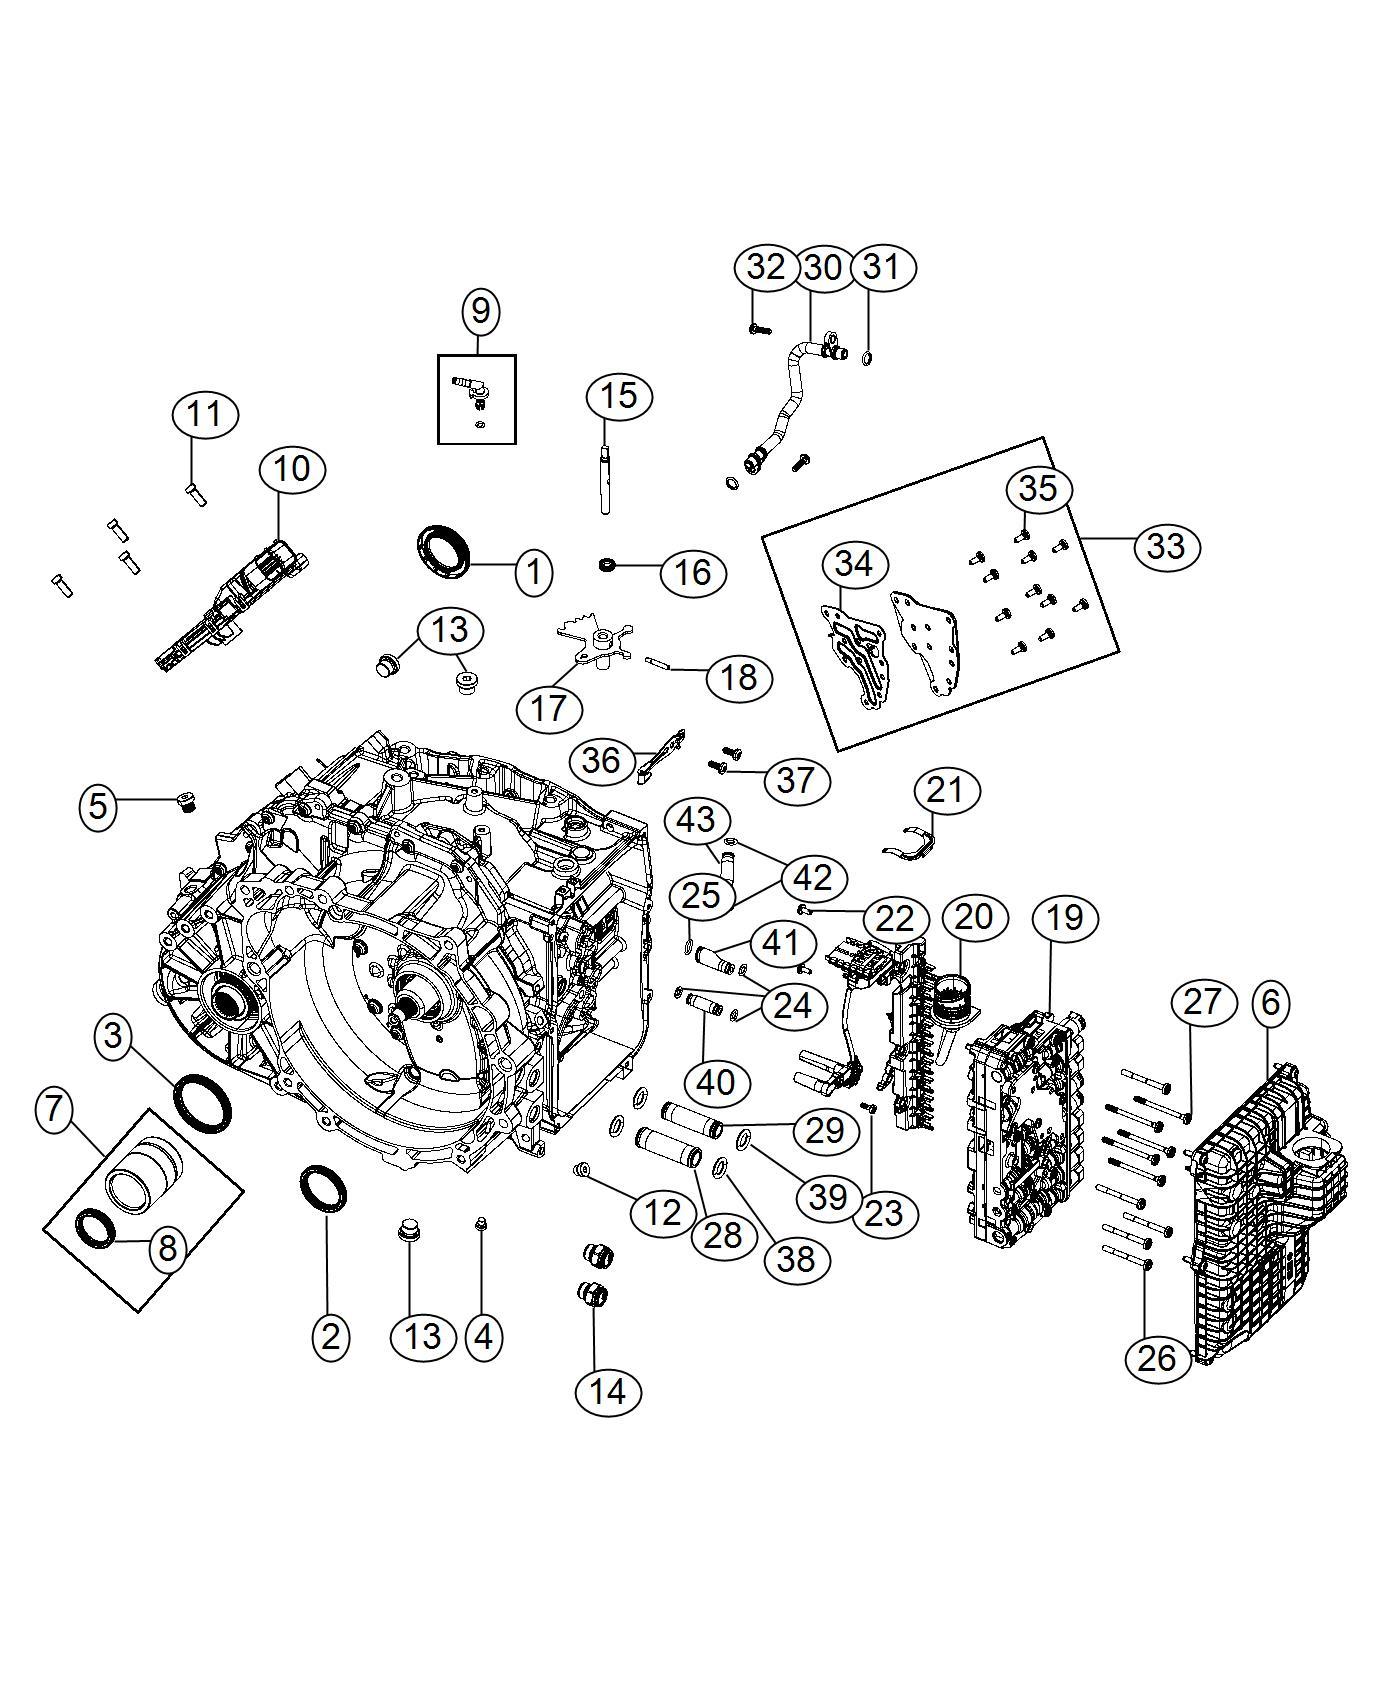 Fiat 500x Valve Body  Complete